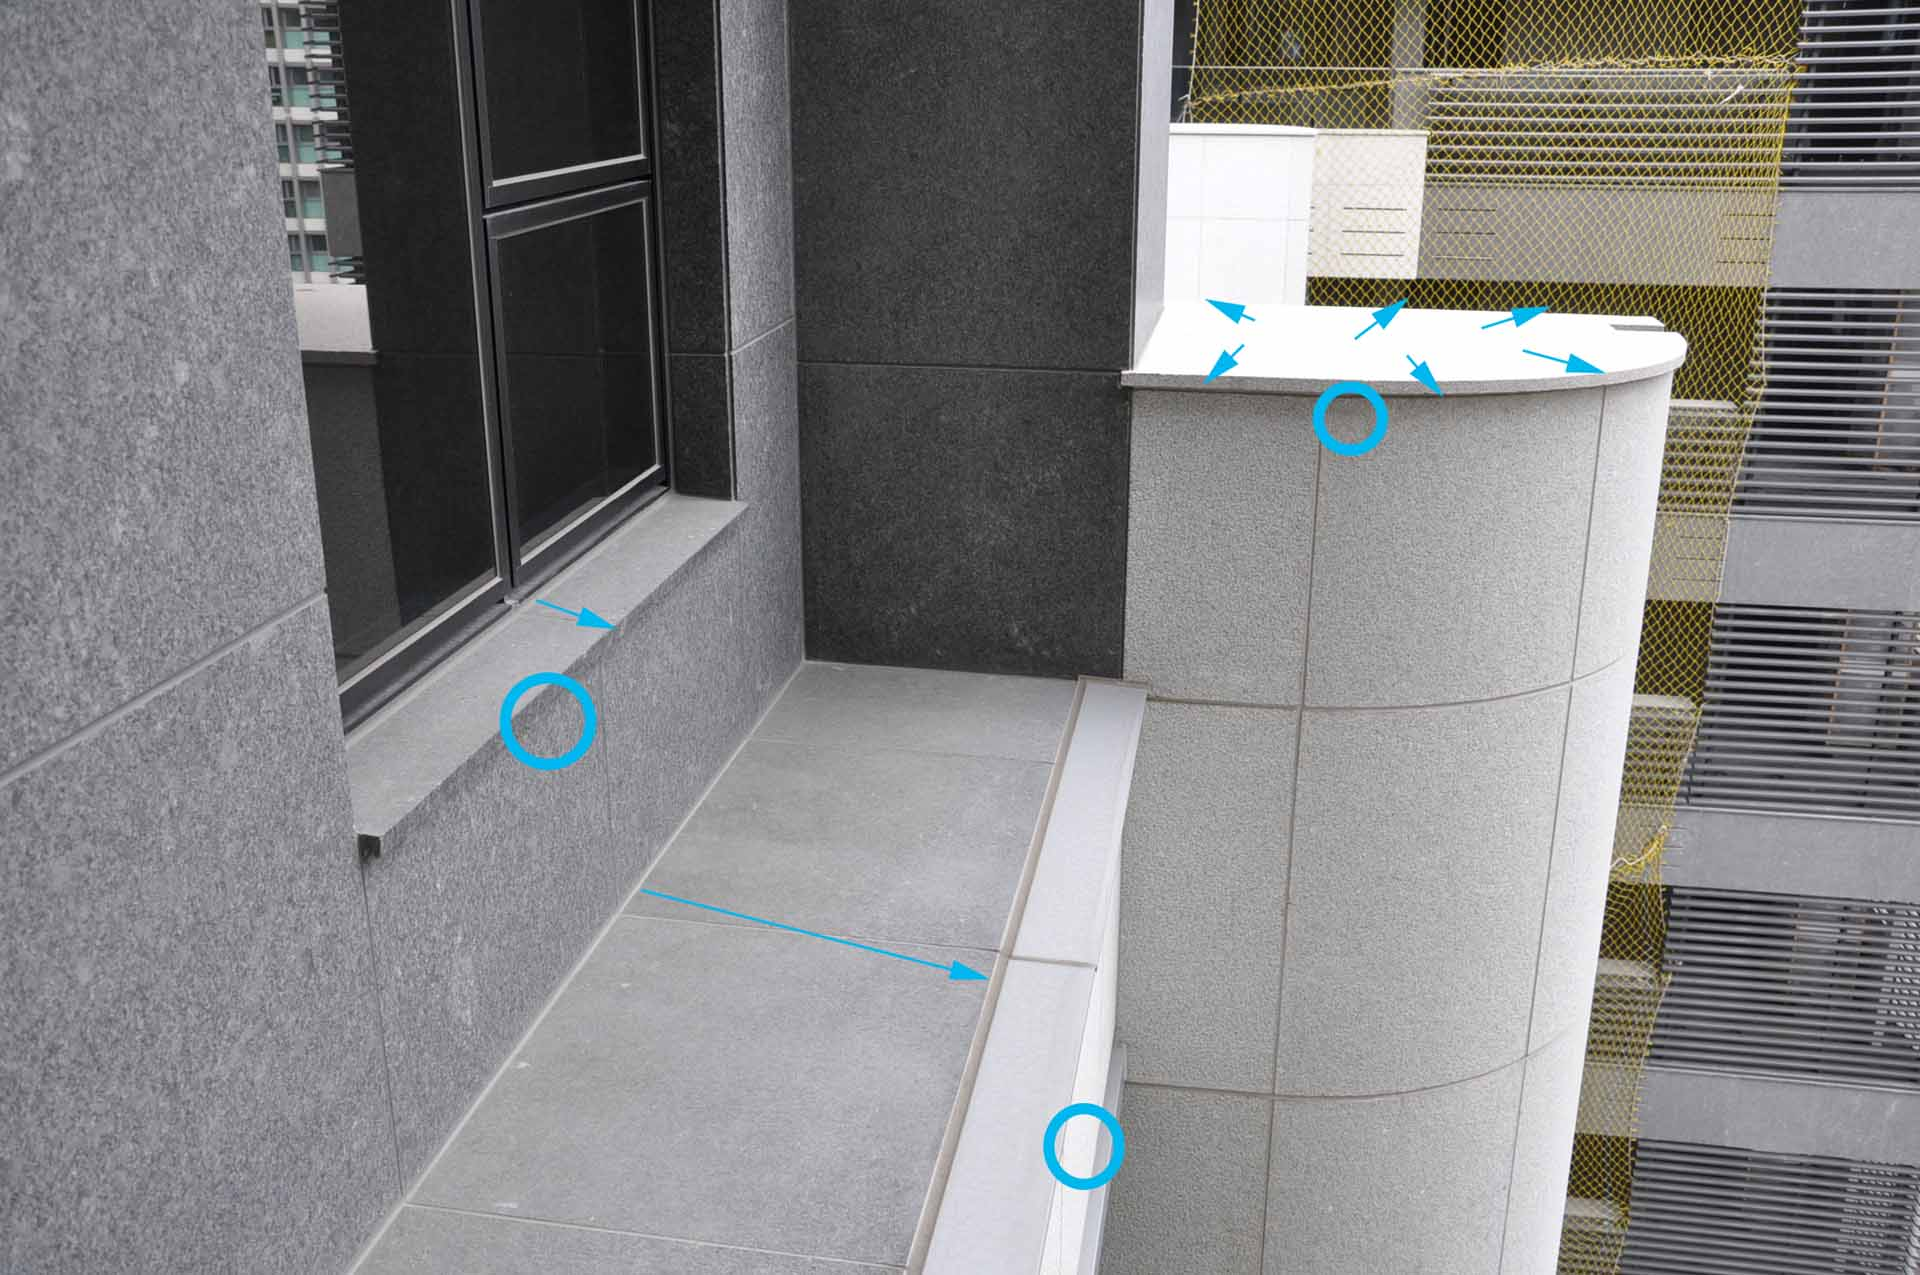 外露樑及構造頂面作外斜設計、及窗臺導水蓋板(箭頭處),並配合邊緣滴水線的設計(圈處),可避免汙水的吸附並促進排除。